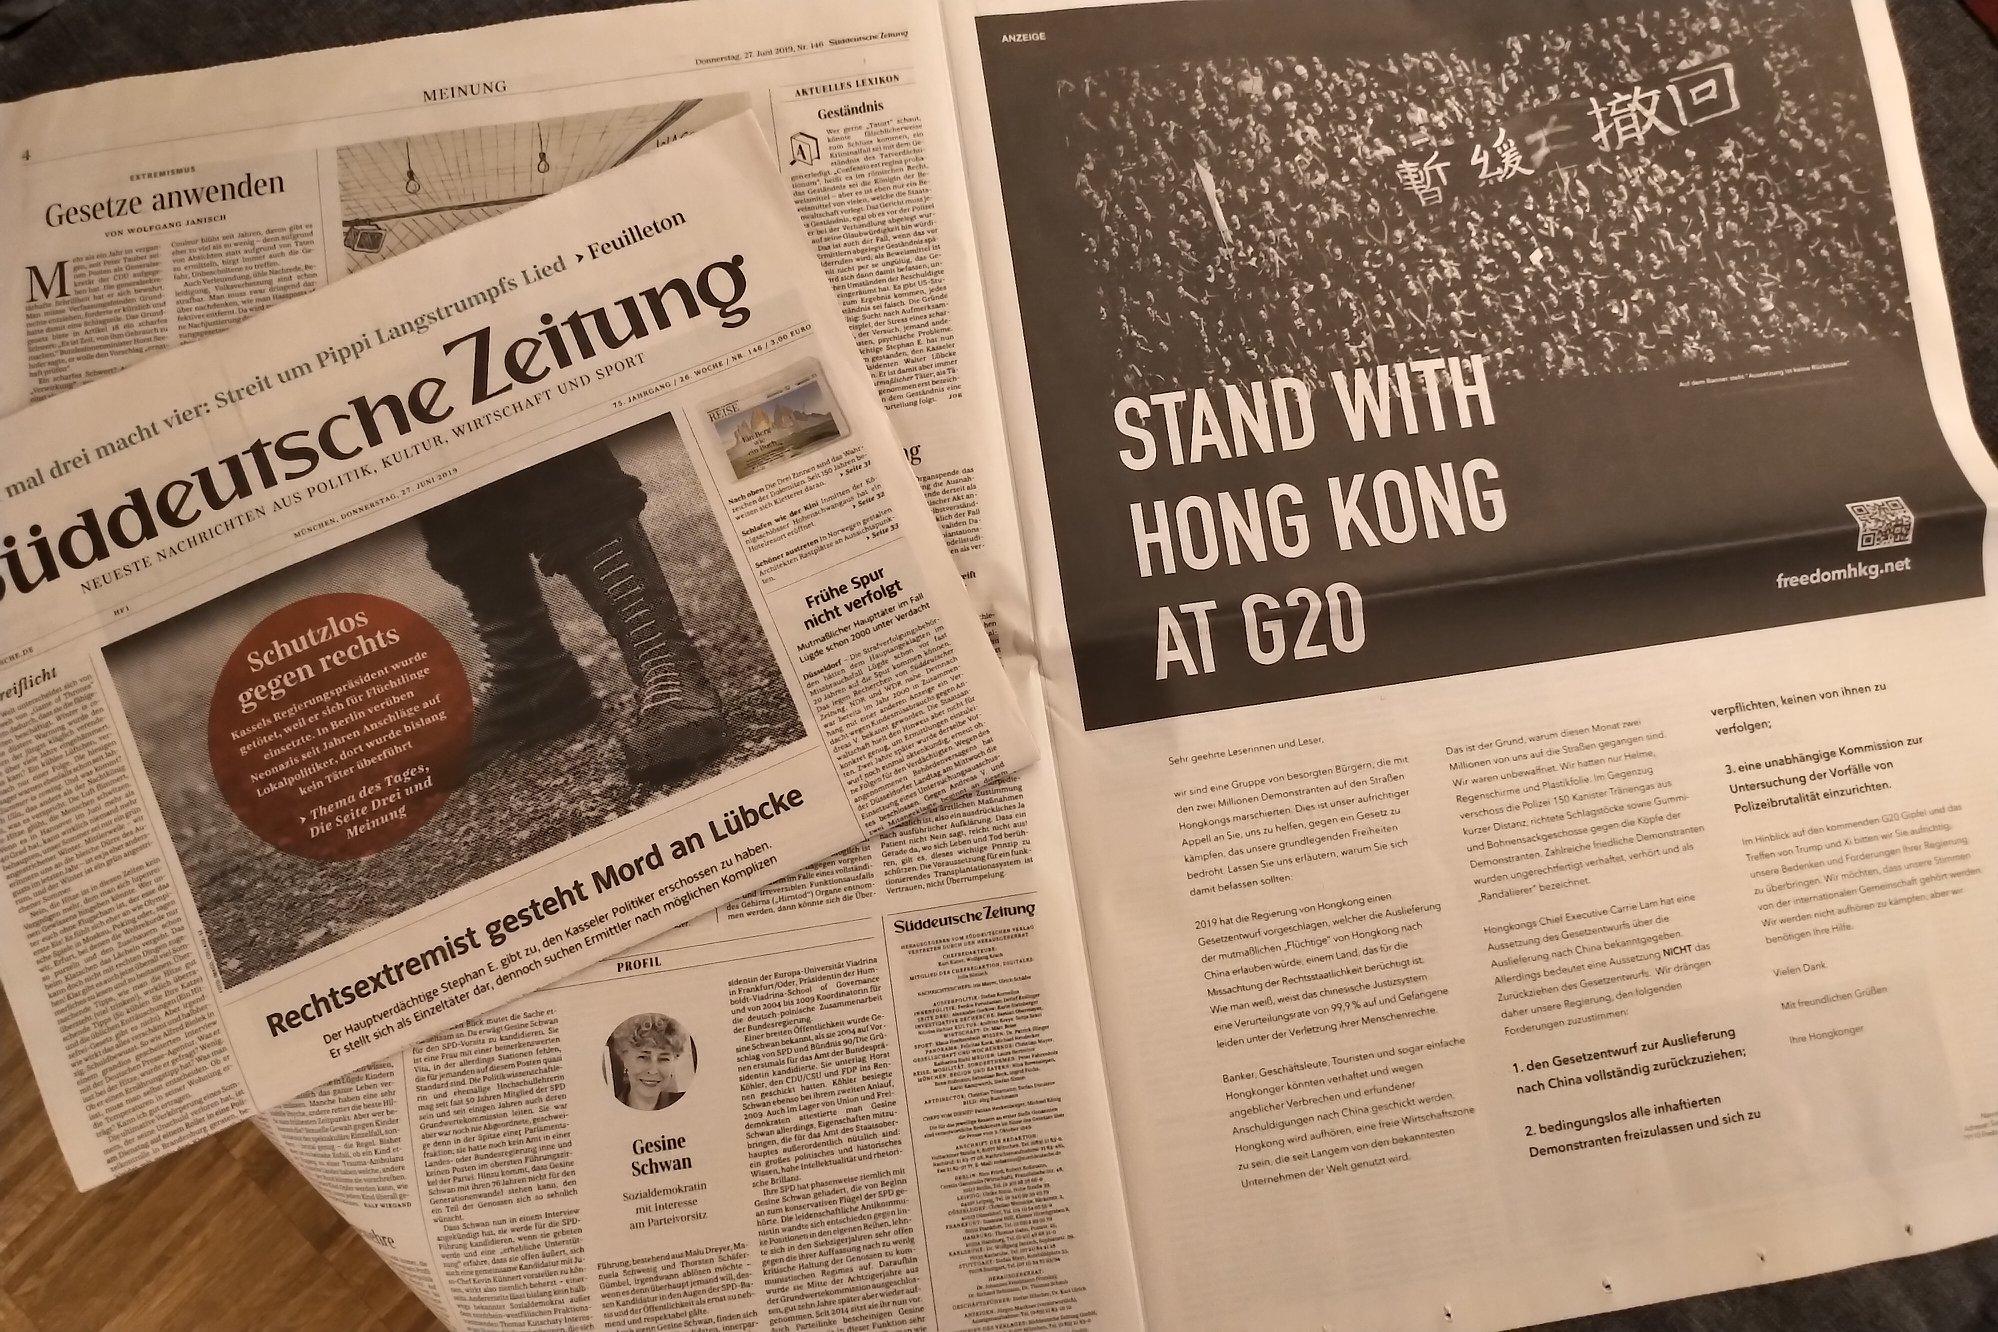 德國《南德意志報》(Süddeutsche Zeitung)<br> 政治版內頁第五頁全版(居德港人石賈墨<br>facebook圖片)